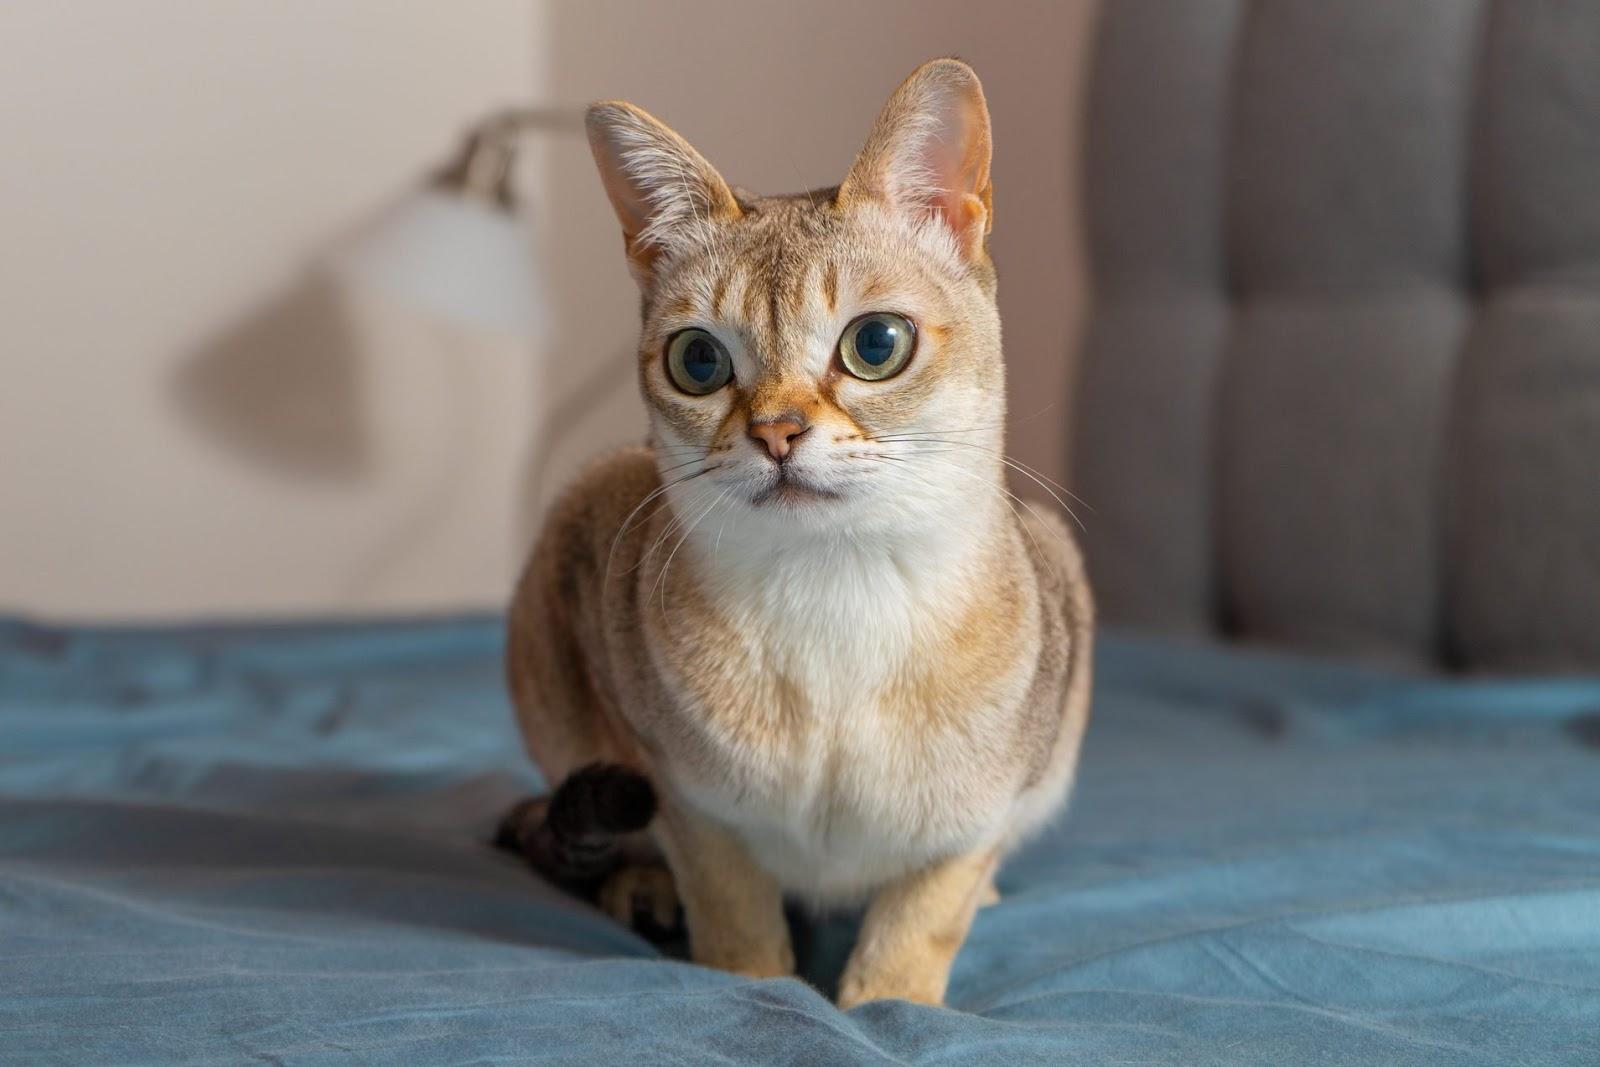 Mèo Singapura rất nhỏ nhắn